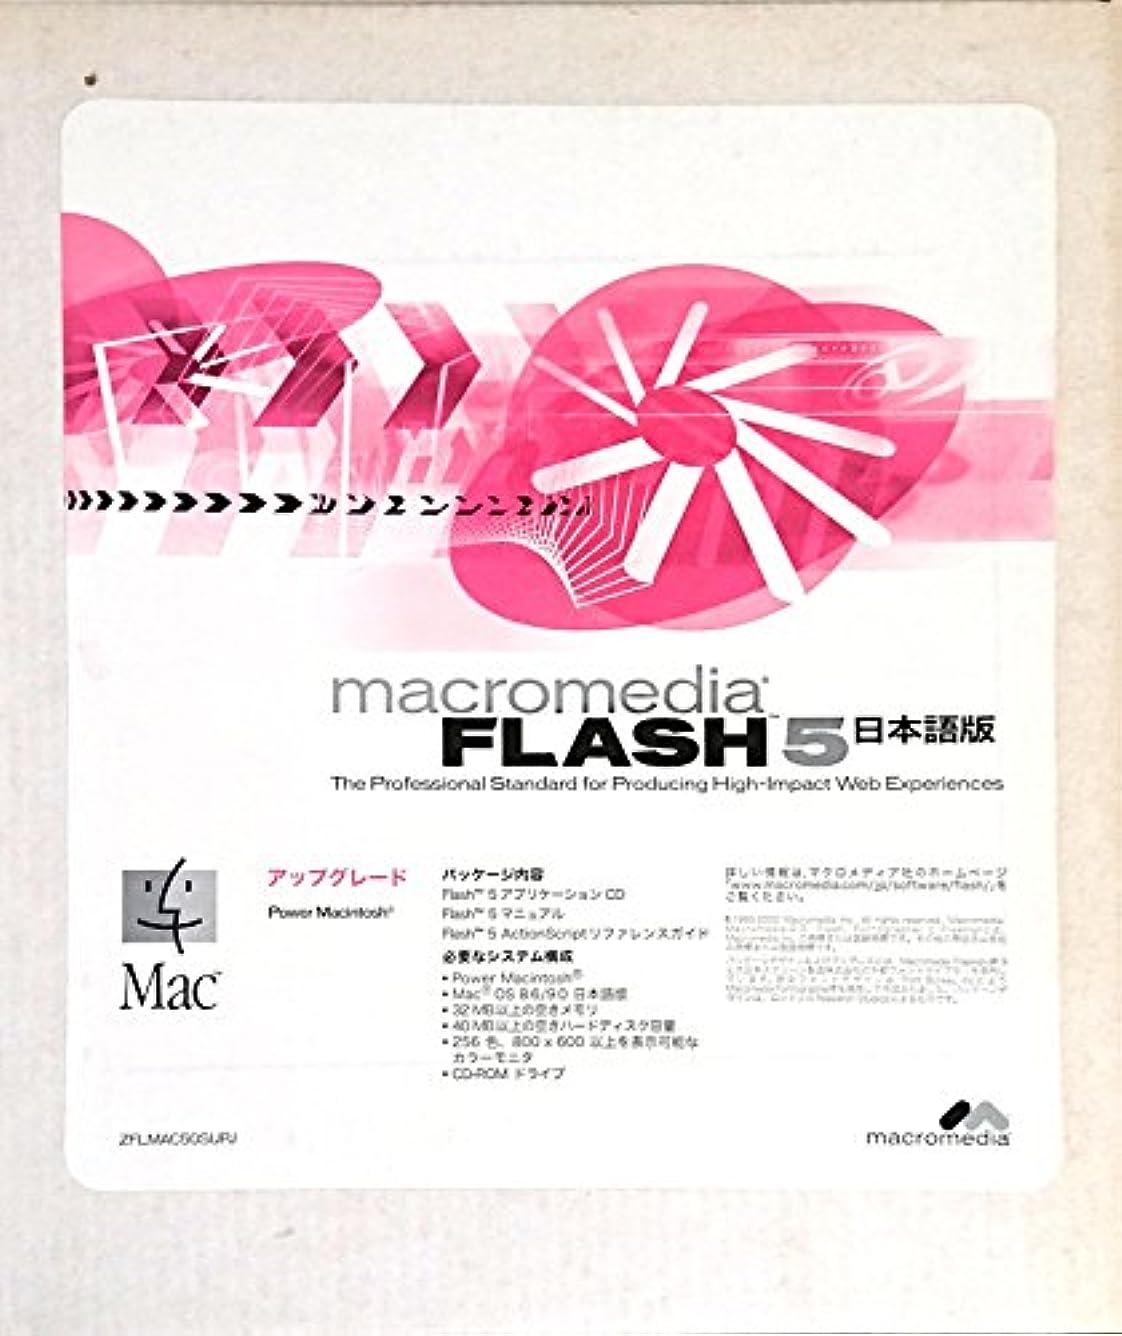 トロピカルレプリカ肉屋macromedia FLASH 5 日本語版 アップグレード版 Macintosh